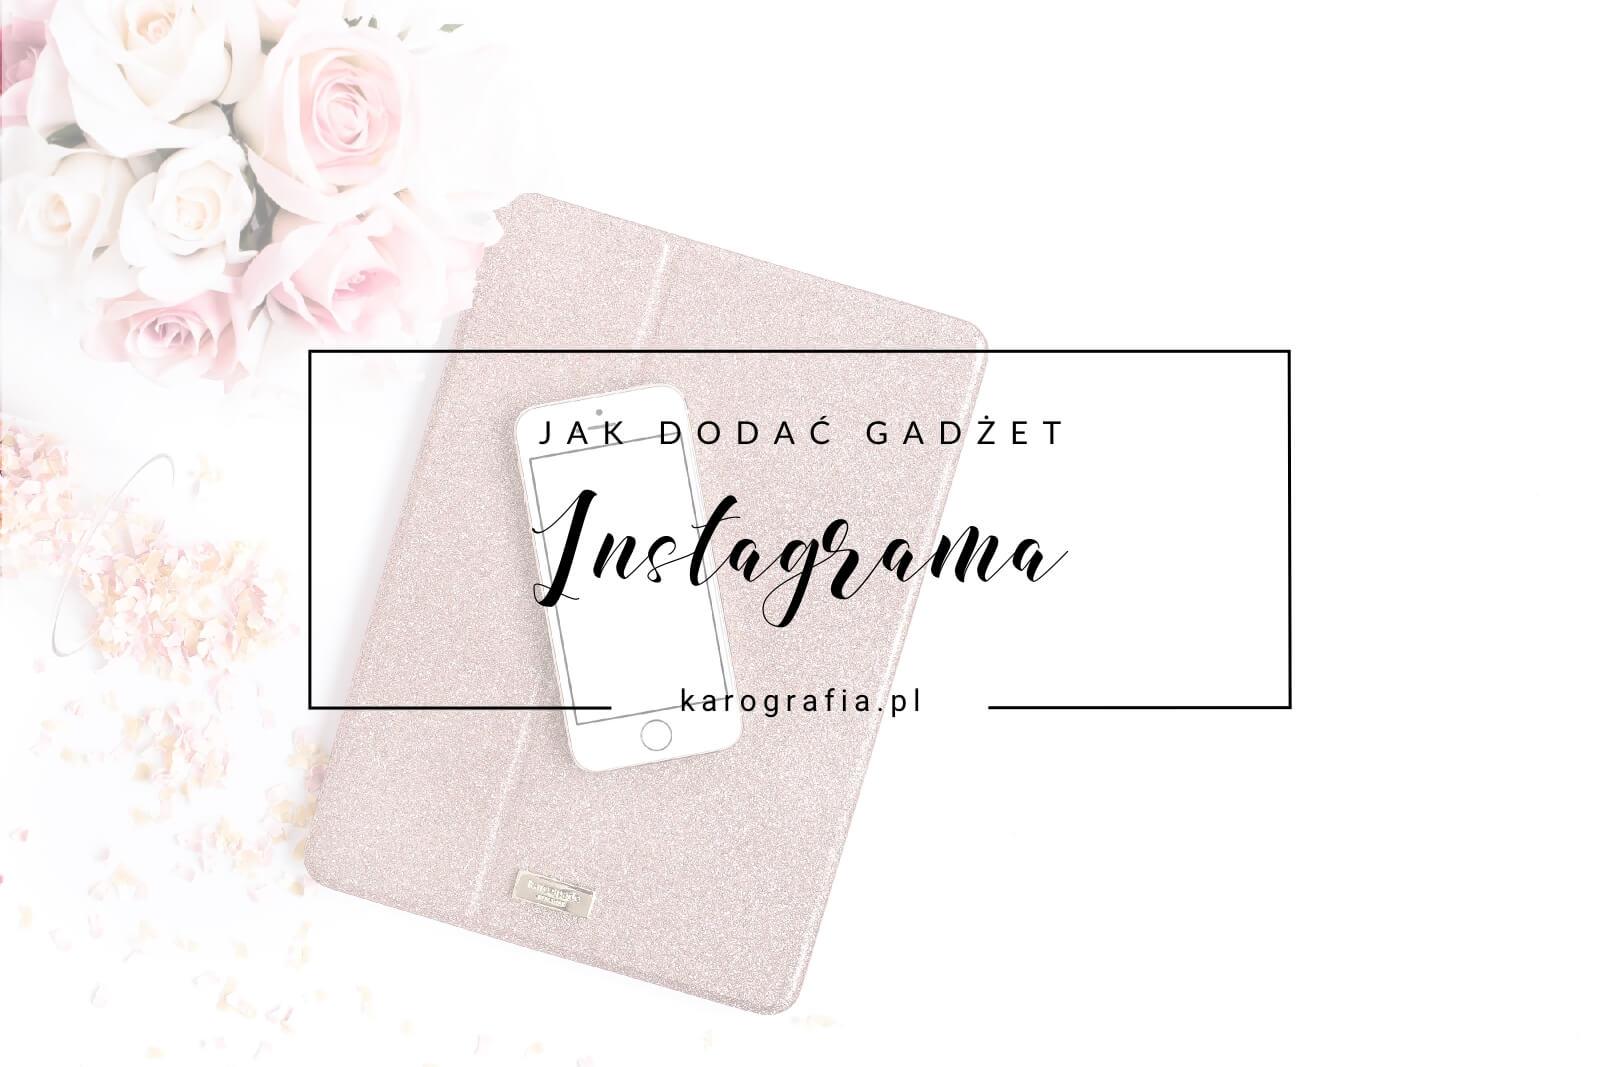 Jak dodać gadżet instagrama na bloggera?